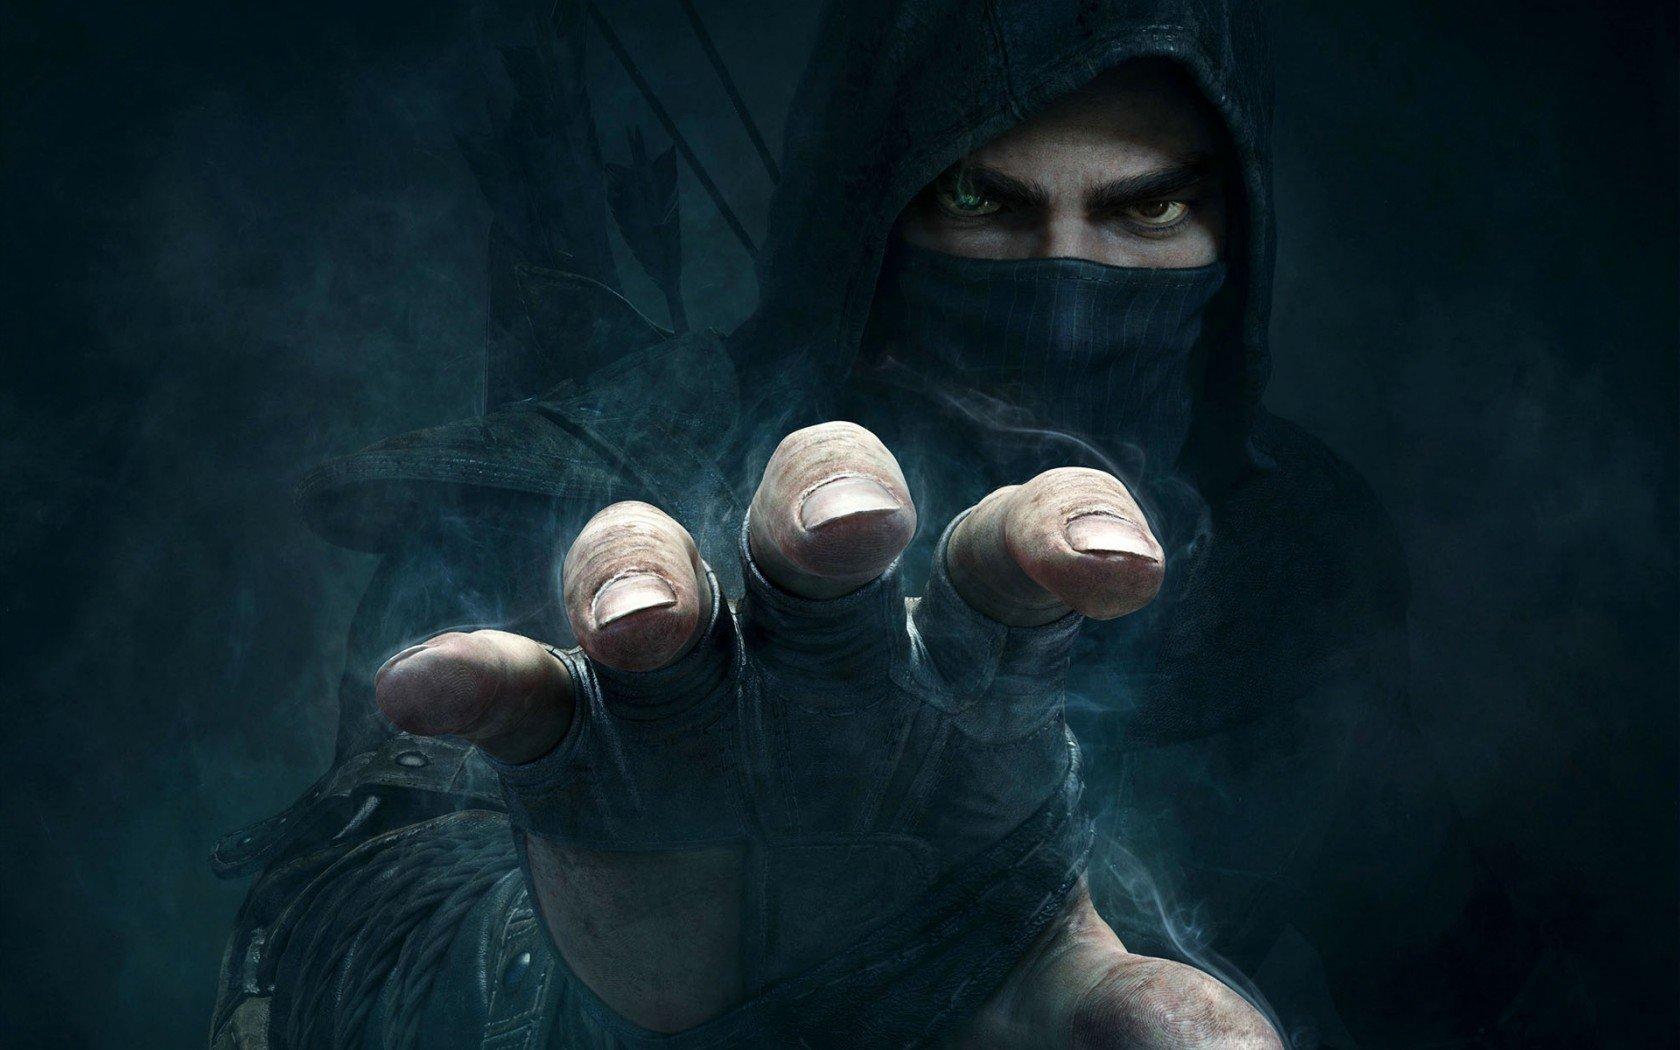 О Thief - Изображение 1